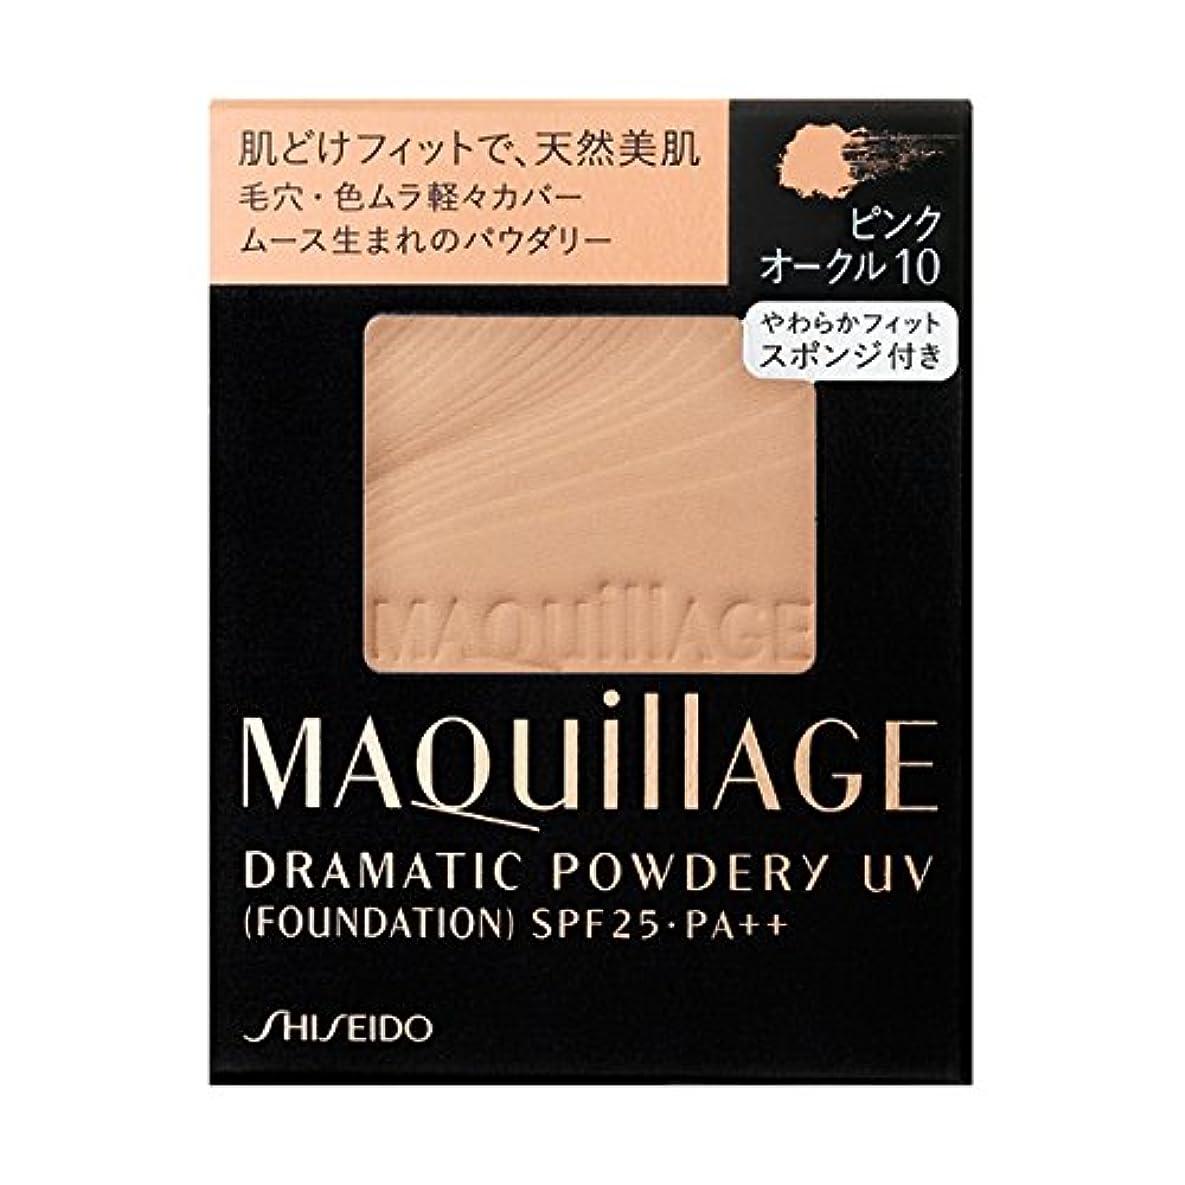 議論する形成韓国<お得な2個パック>マキアージュ ドラマティックパウダリー UV(レフィル) ピンクオークル10 9.2g入り×2個